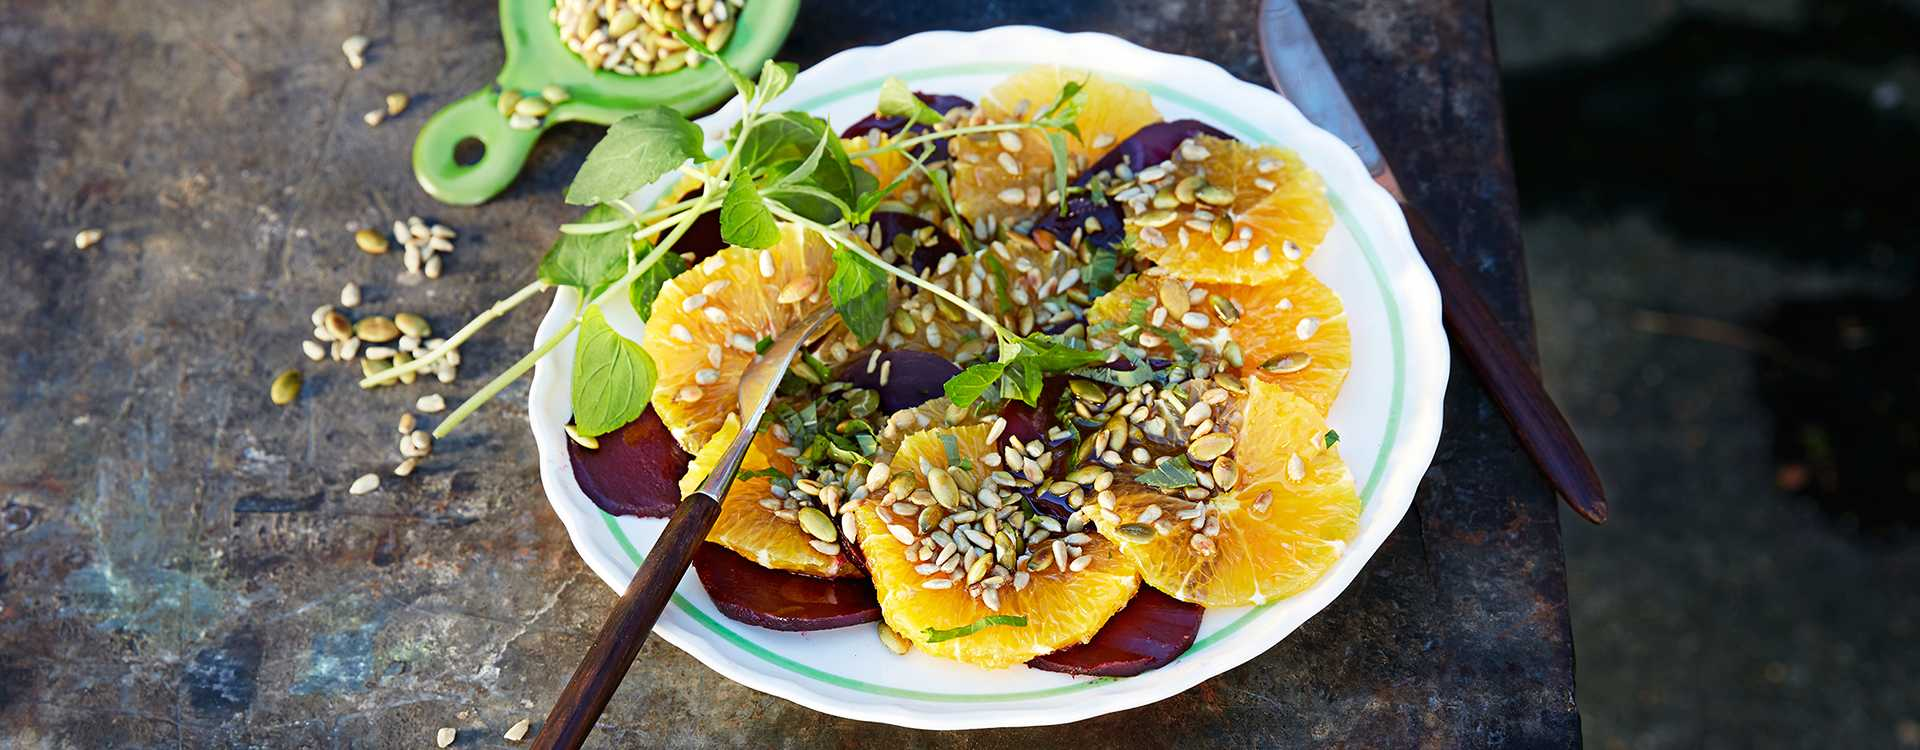 Rødbete- og appelsinsalat med ristede frø